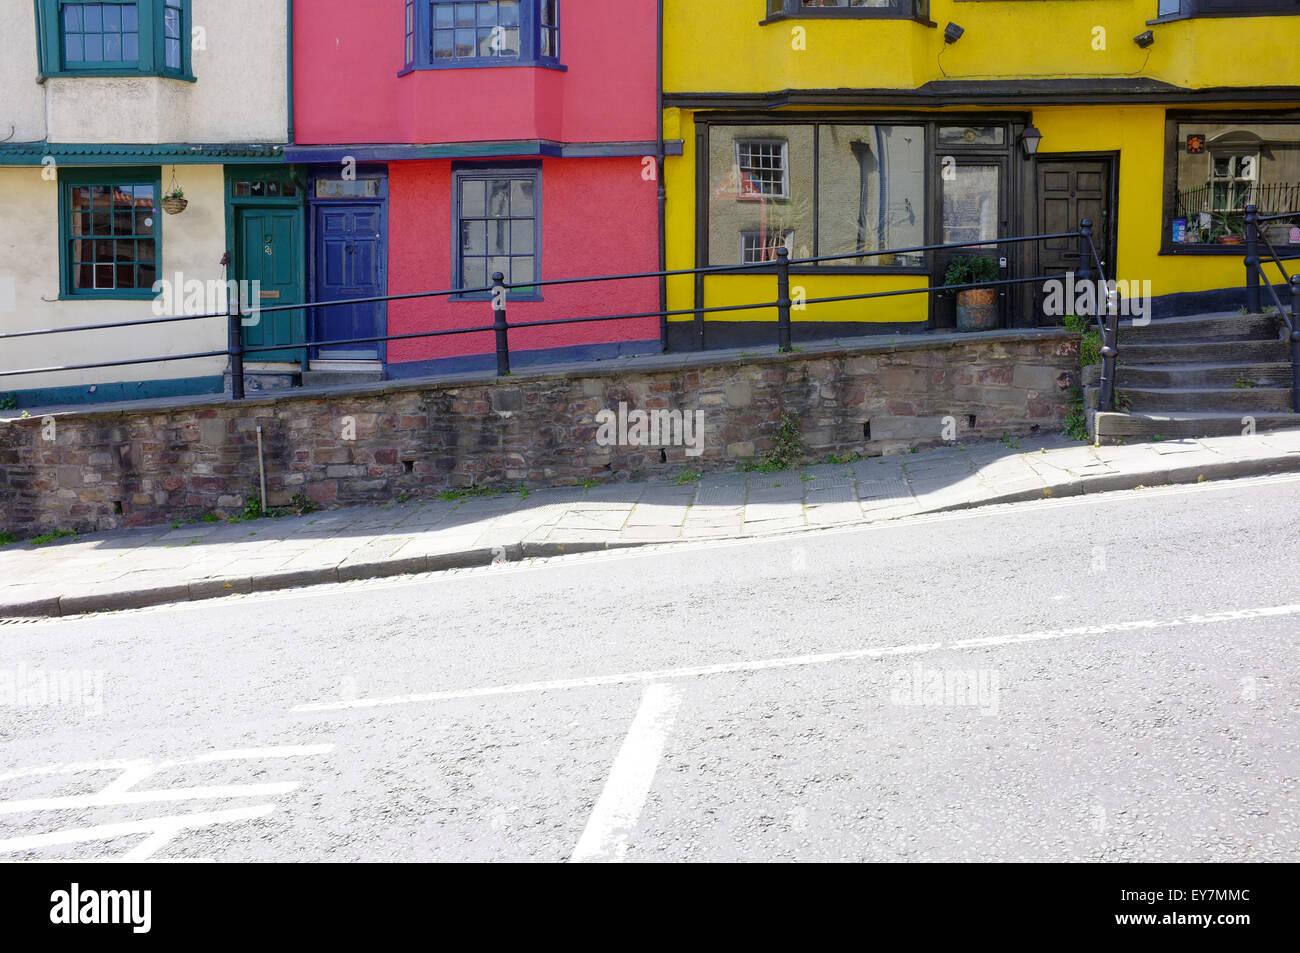 Eine Reihe von bunten Häusern auf einer abschüssigen Straße in Bristol. Stockbild